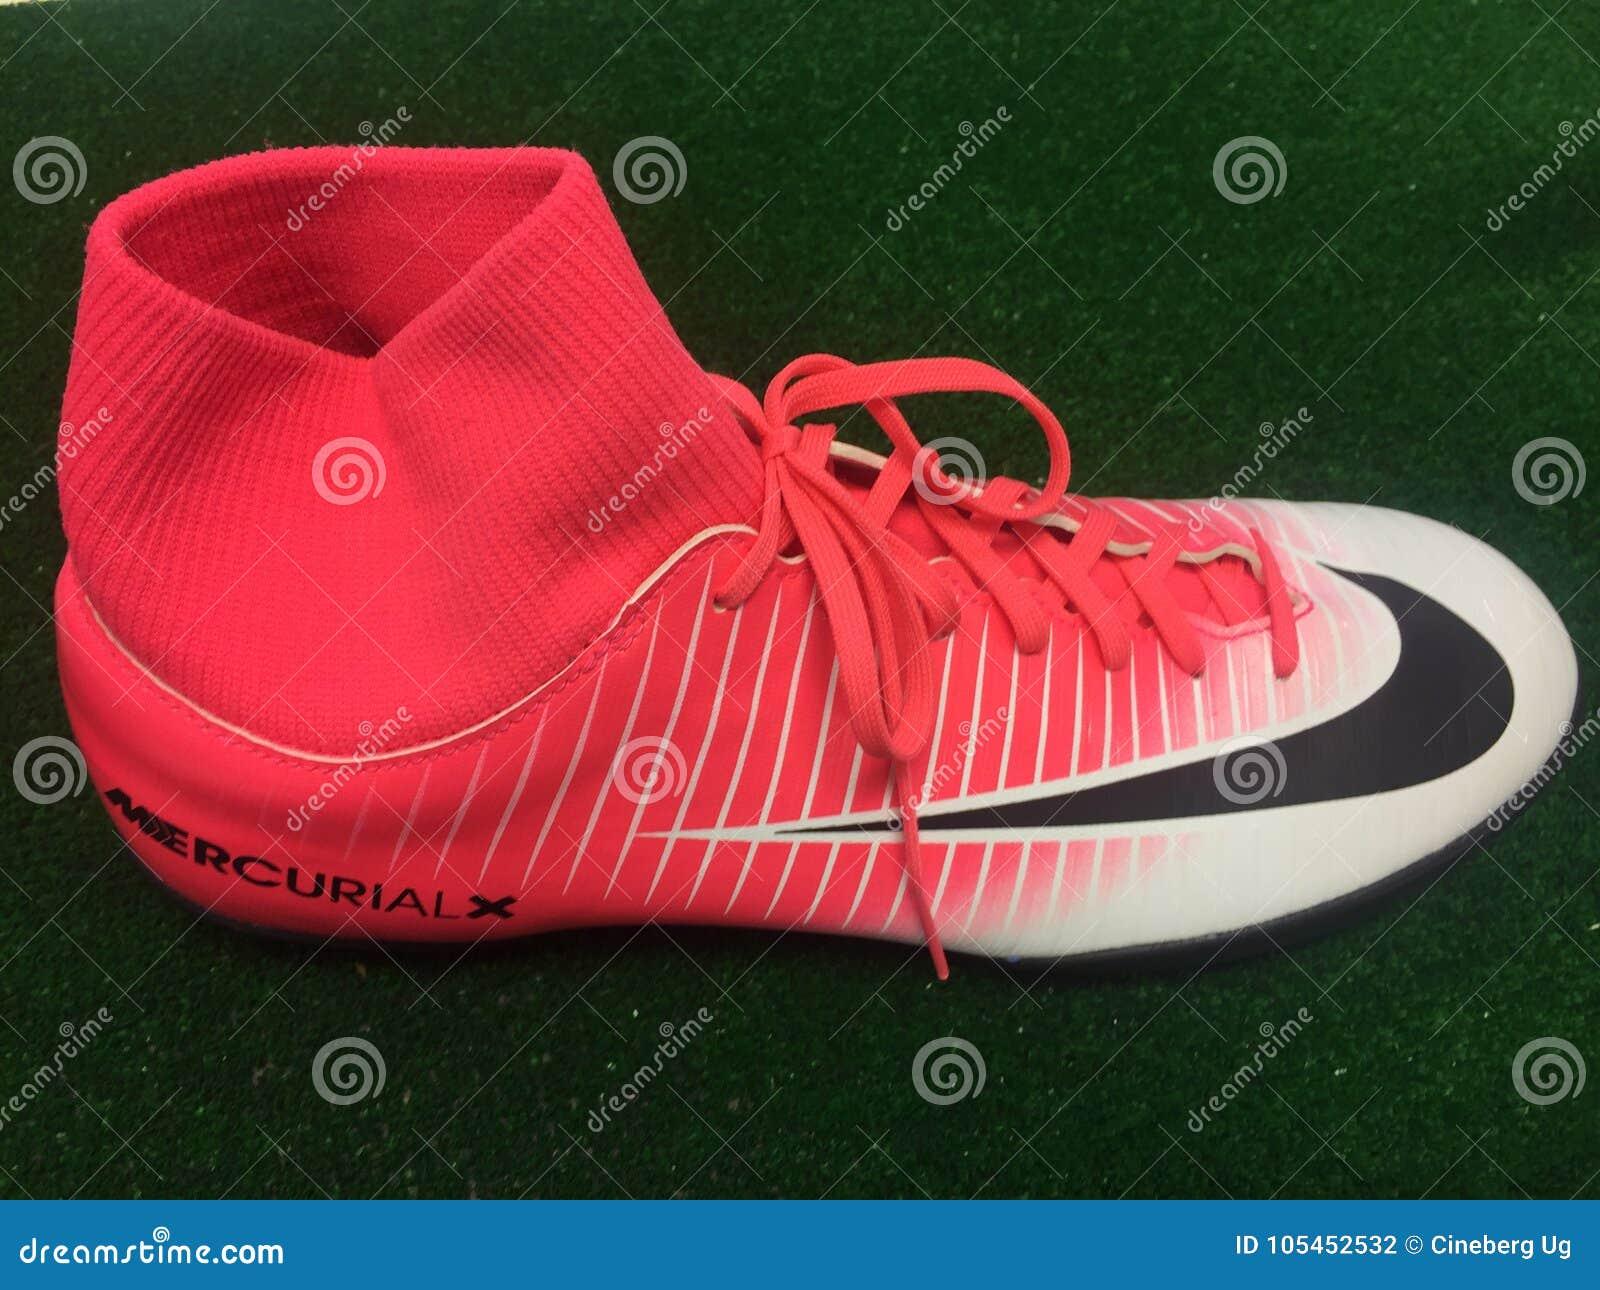 chaussures de football nike 2017